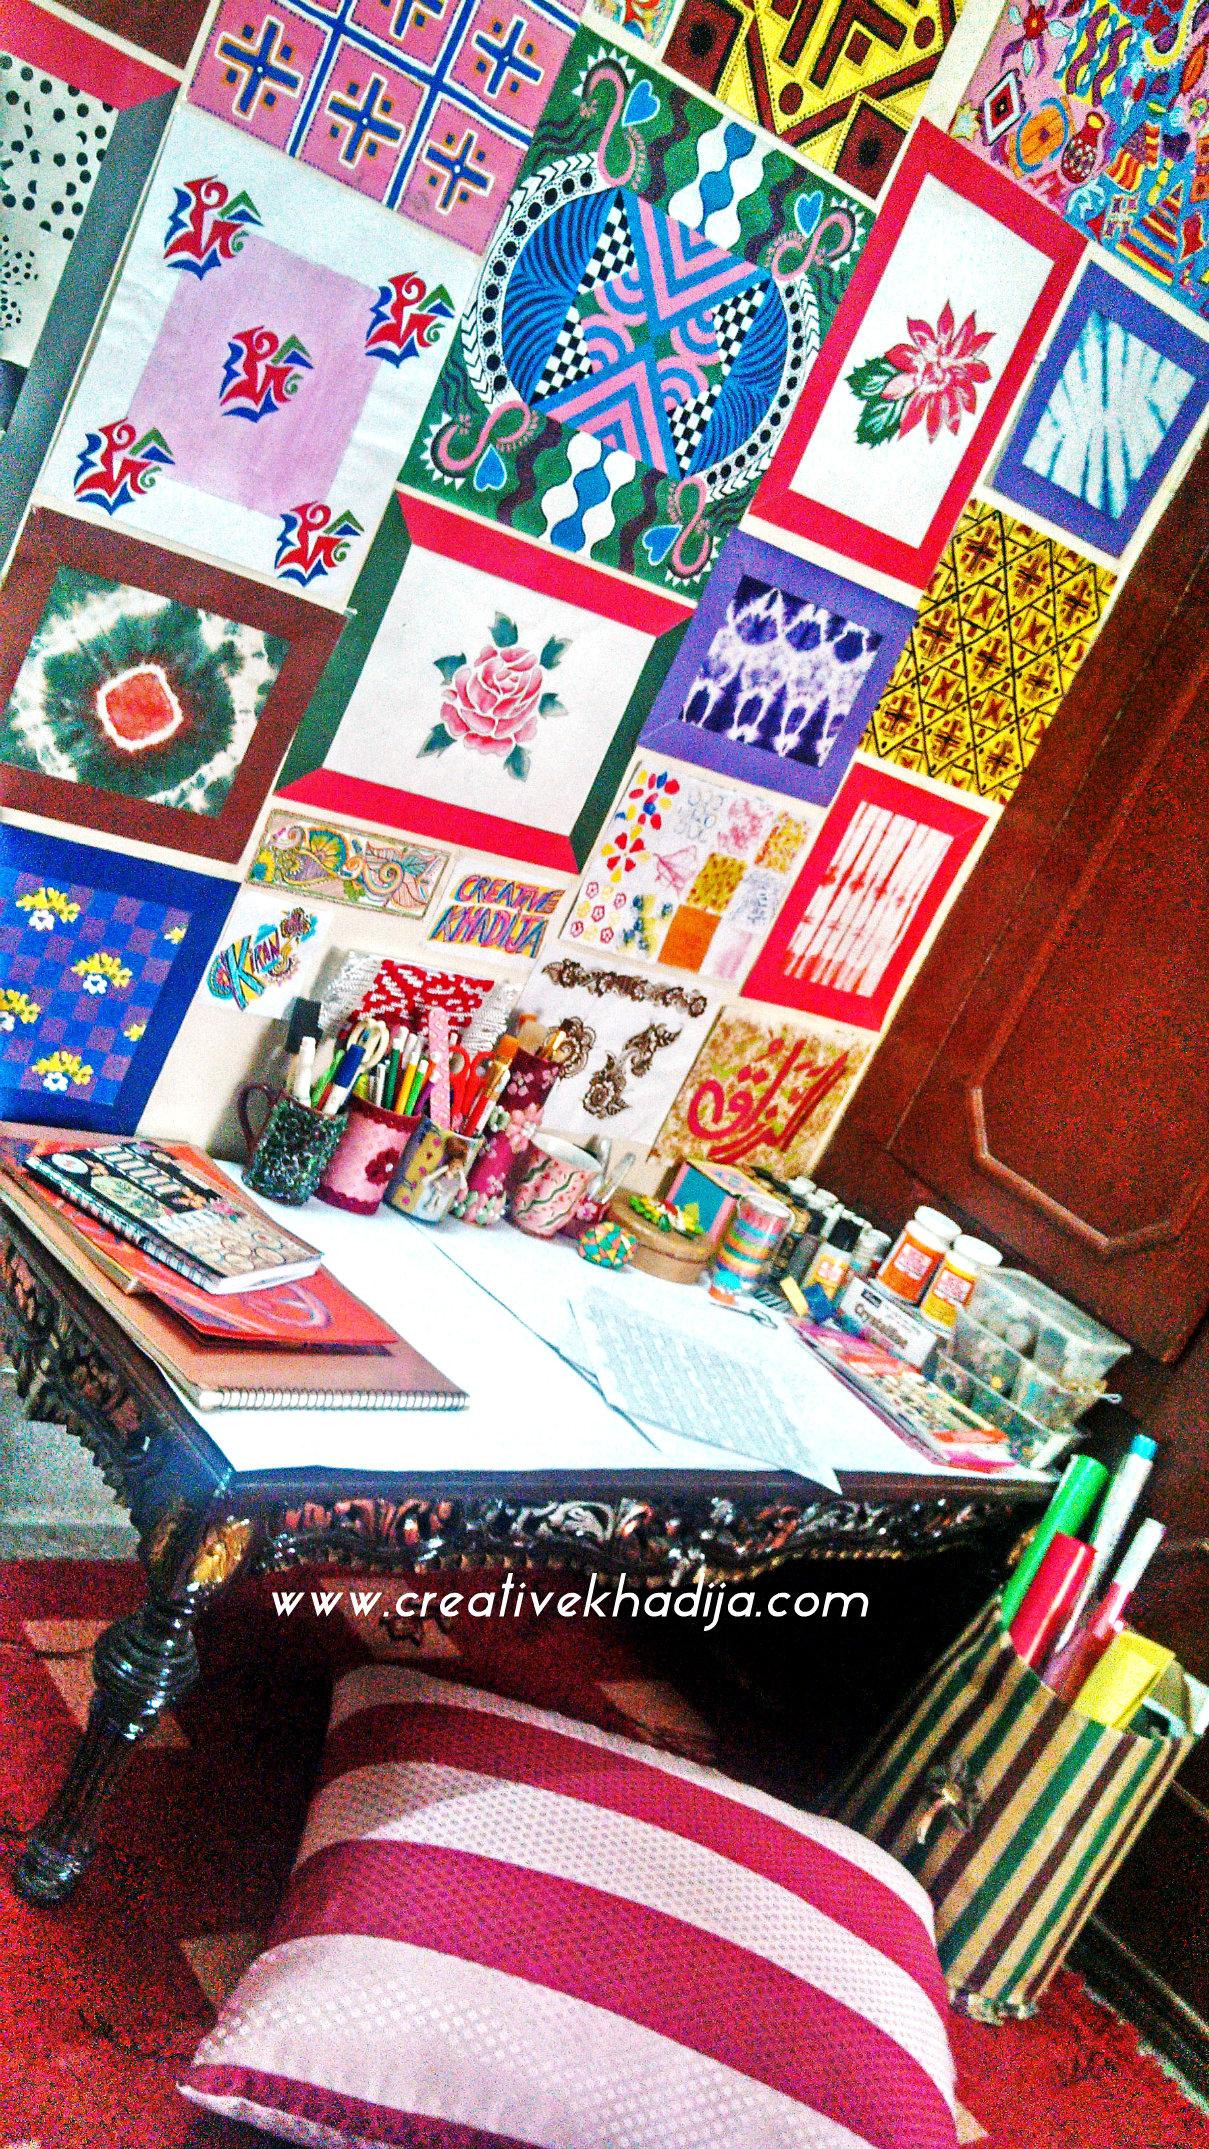 creativekhadija-craftroom-craft-space